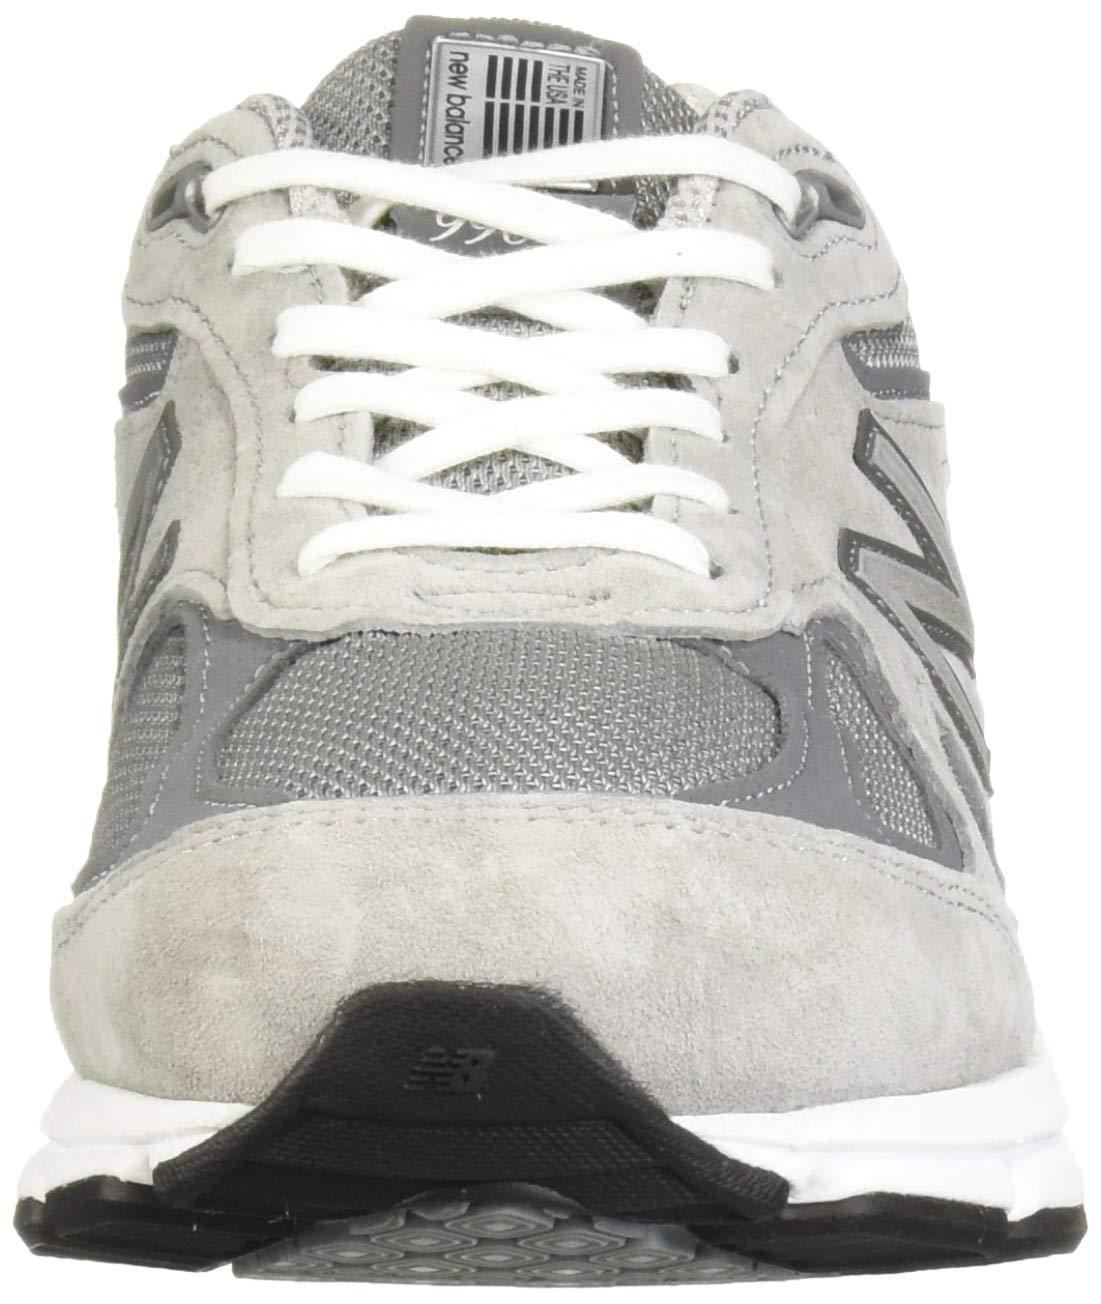 61YjEt1E eL - New Balance Men's 990v4 Running Shoe